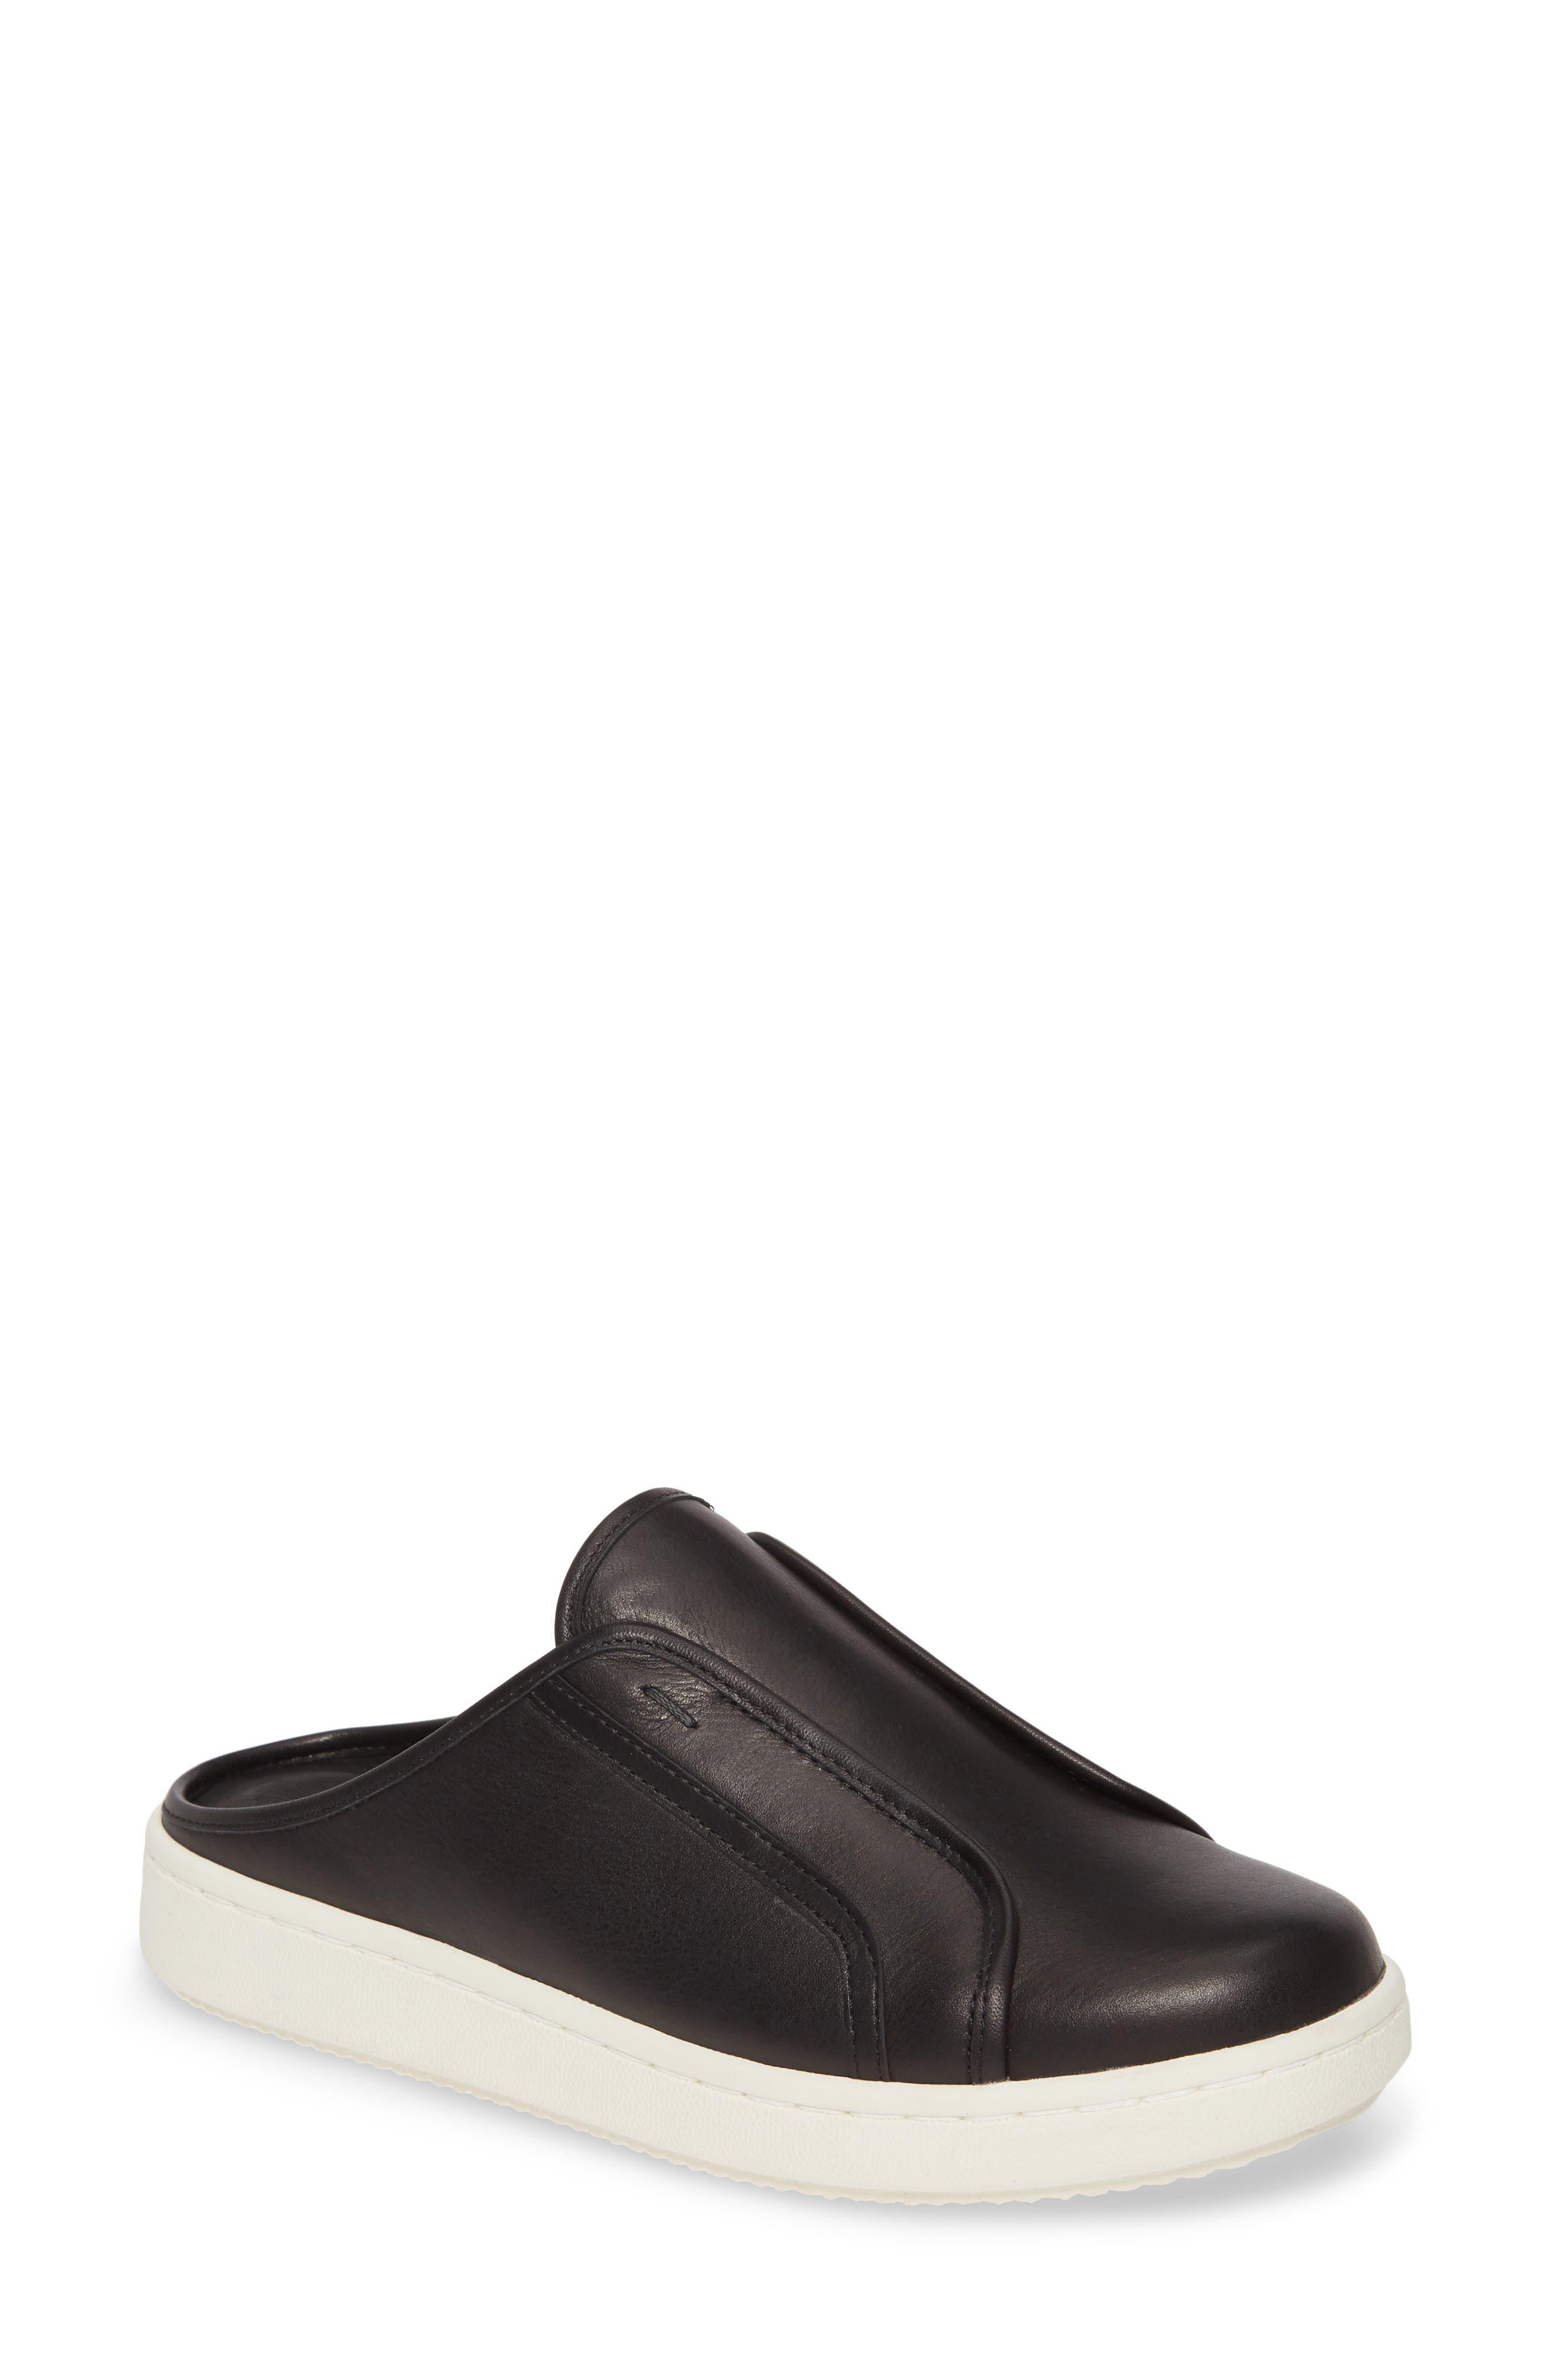 Eileen Fisher News Slip-On Sneaker- Black